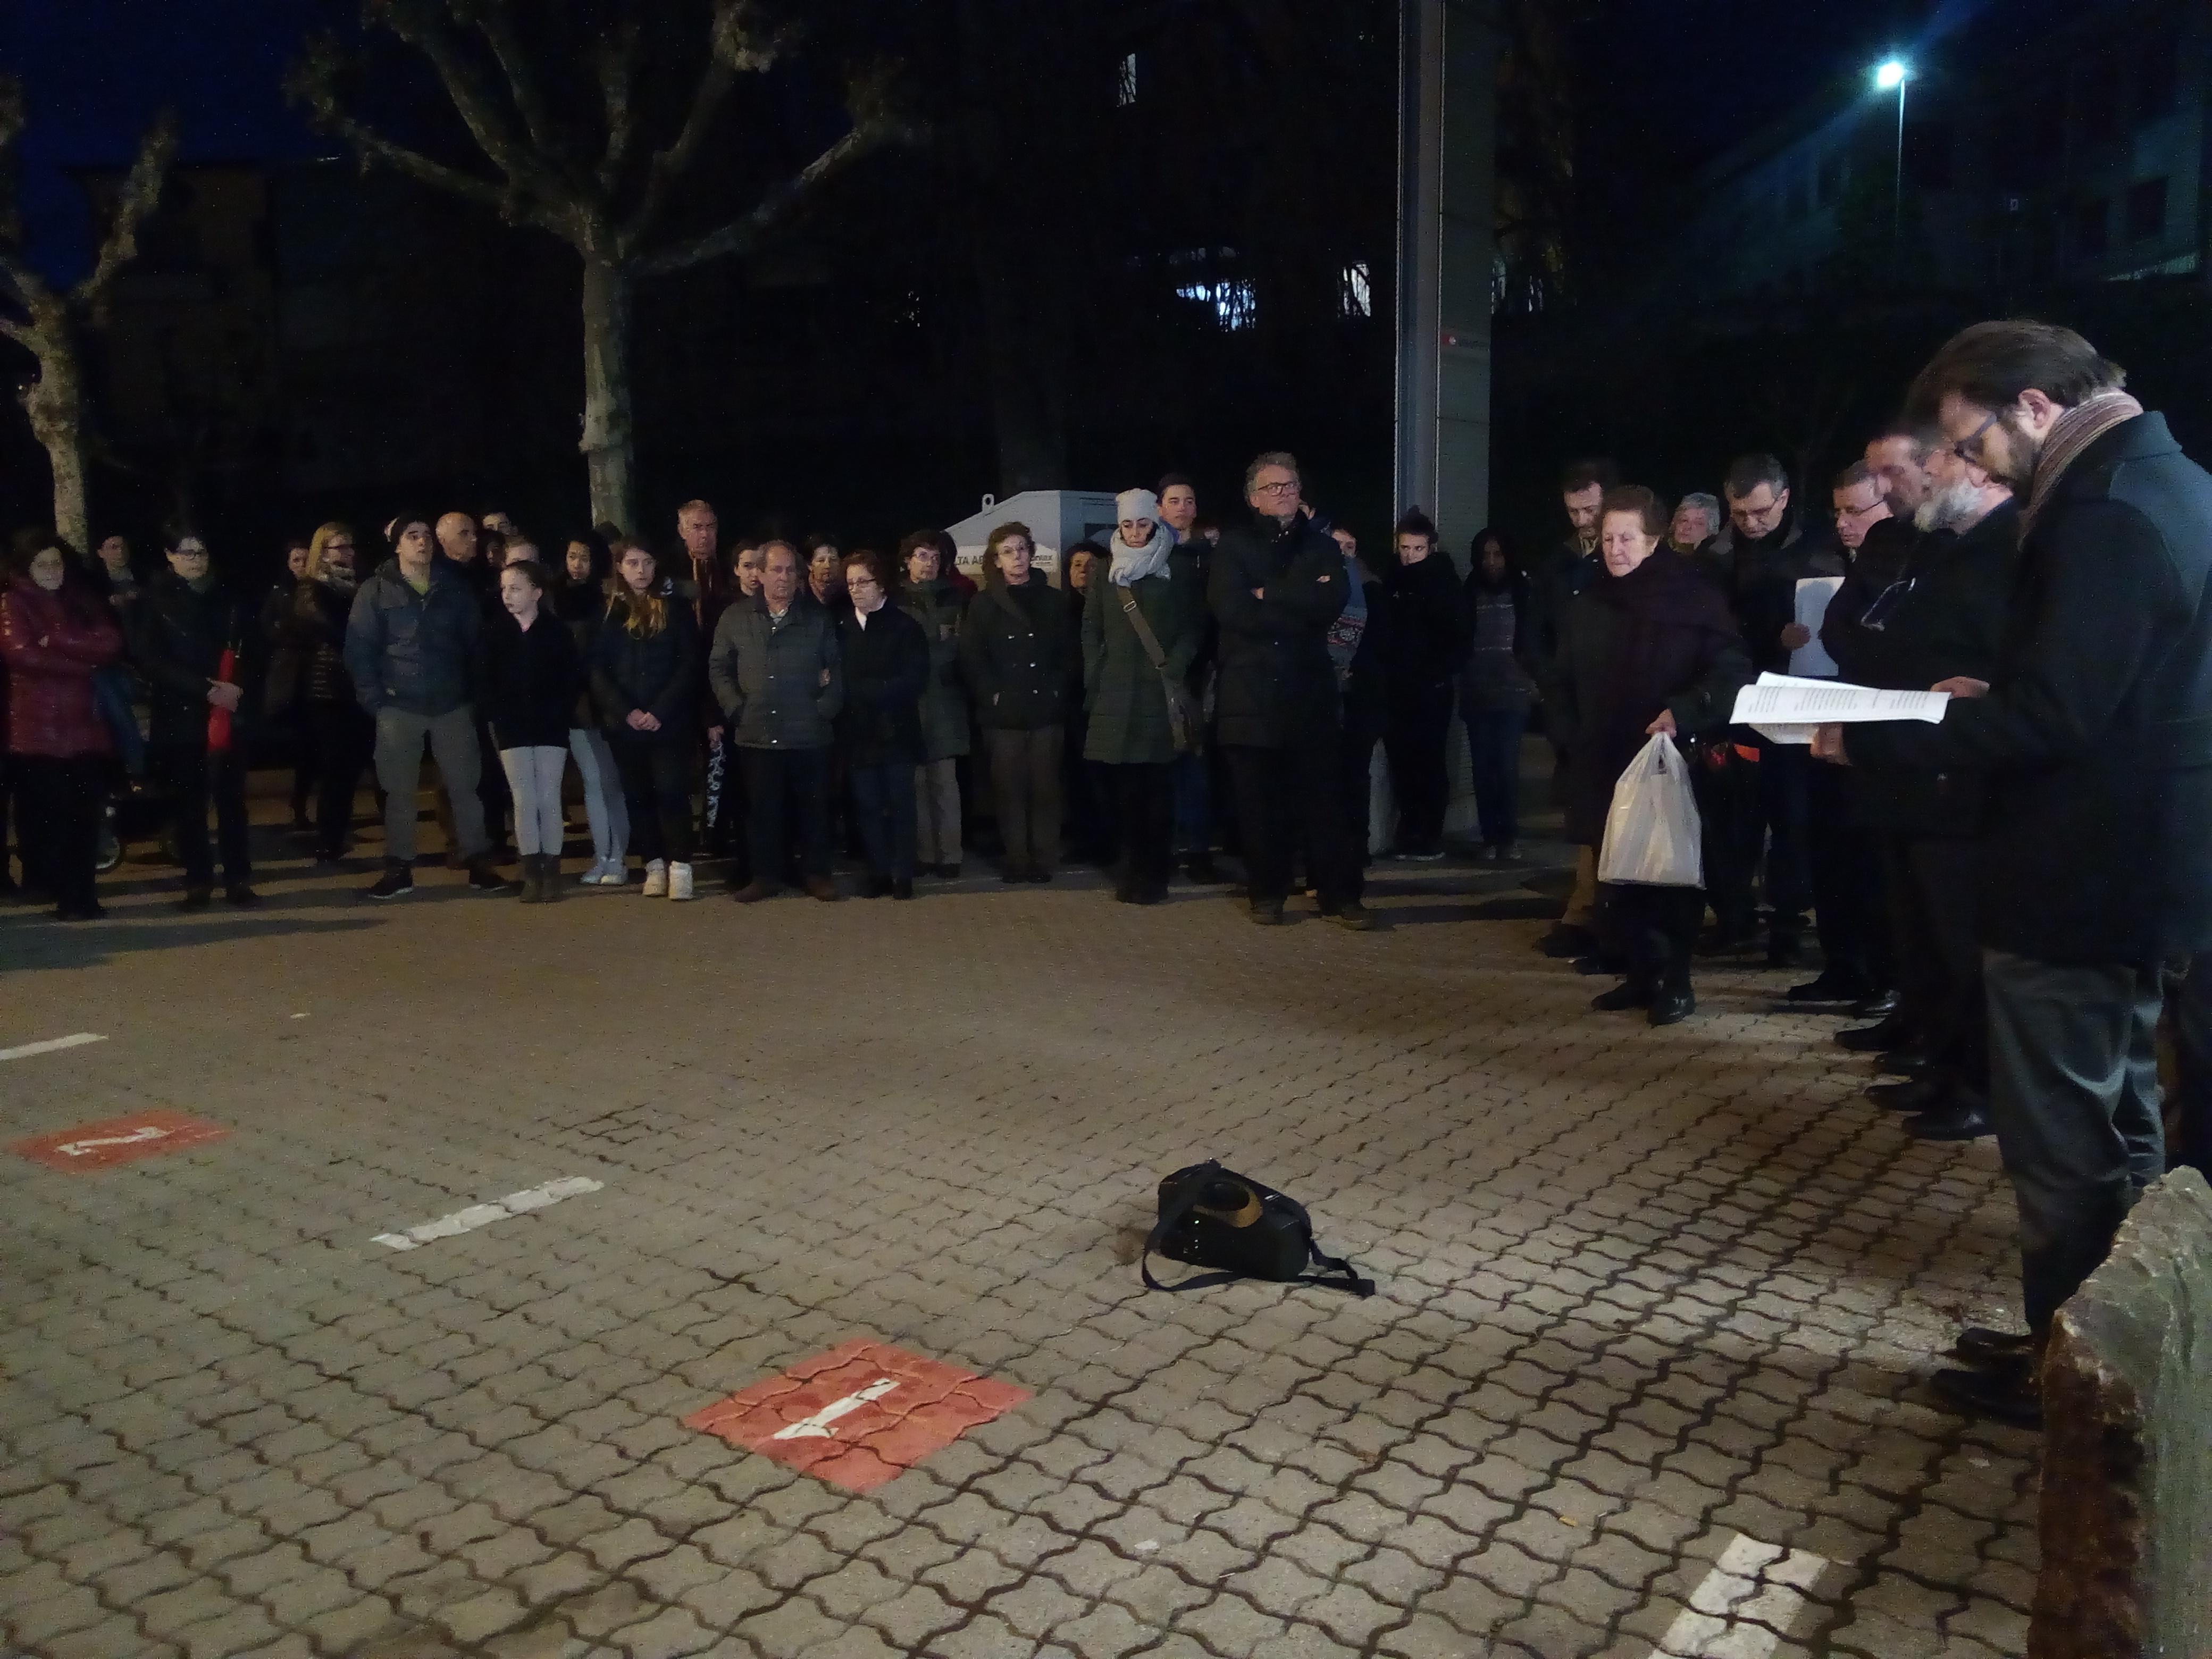 La preghiera per Diakite Yoursouf a Balerna, in Canton Ticino (foto: Michele Luppi)